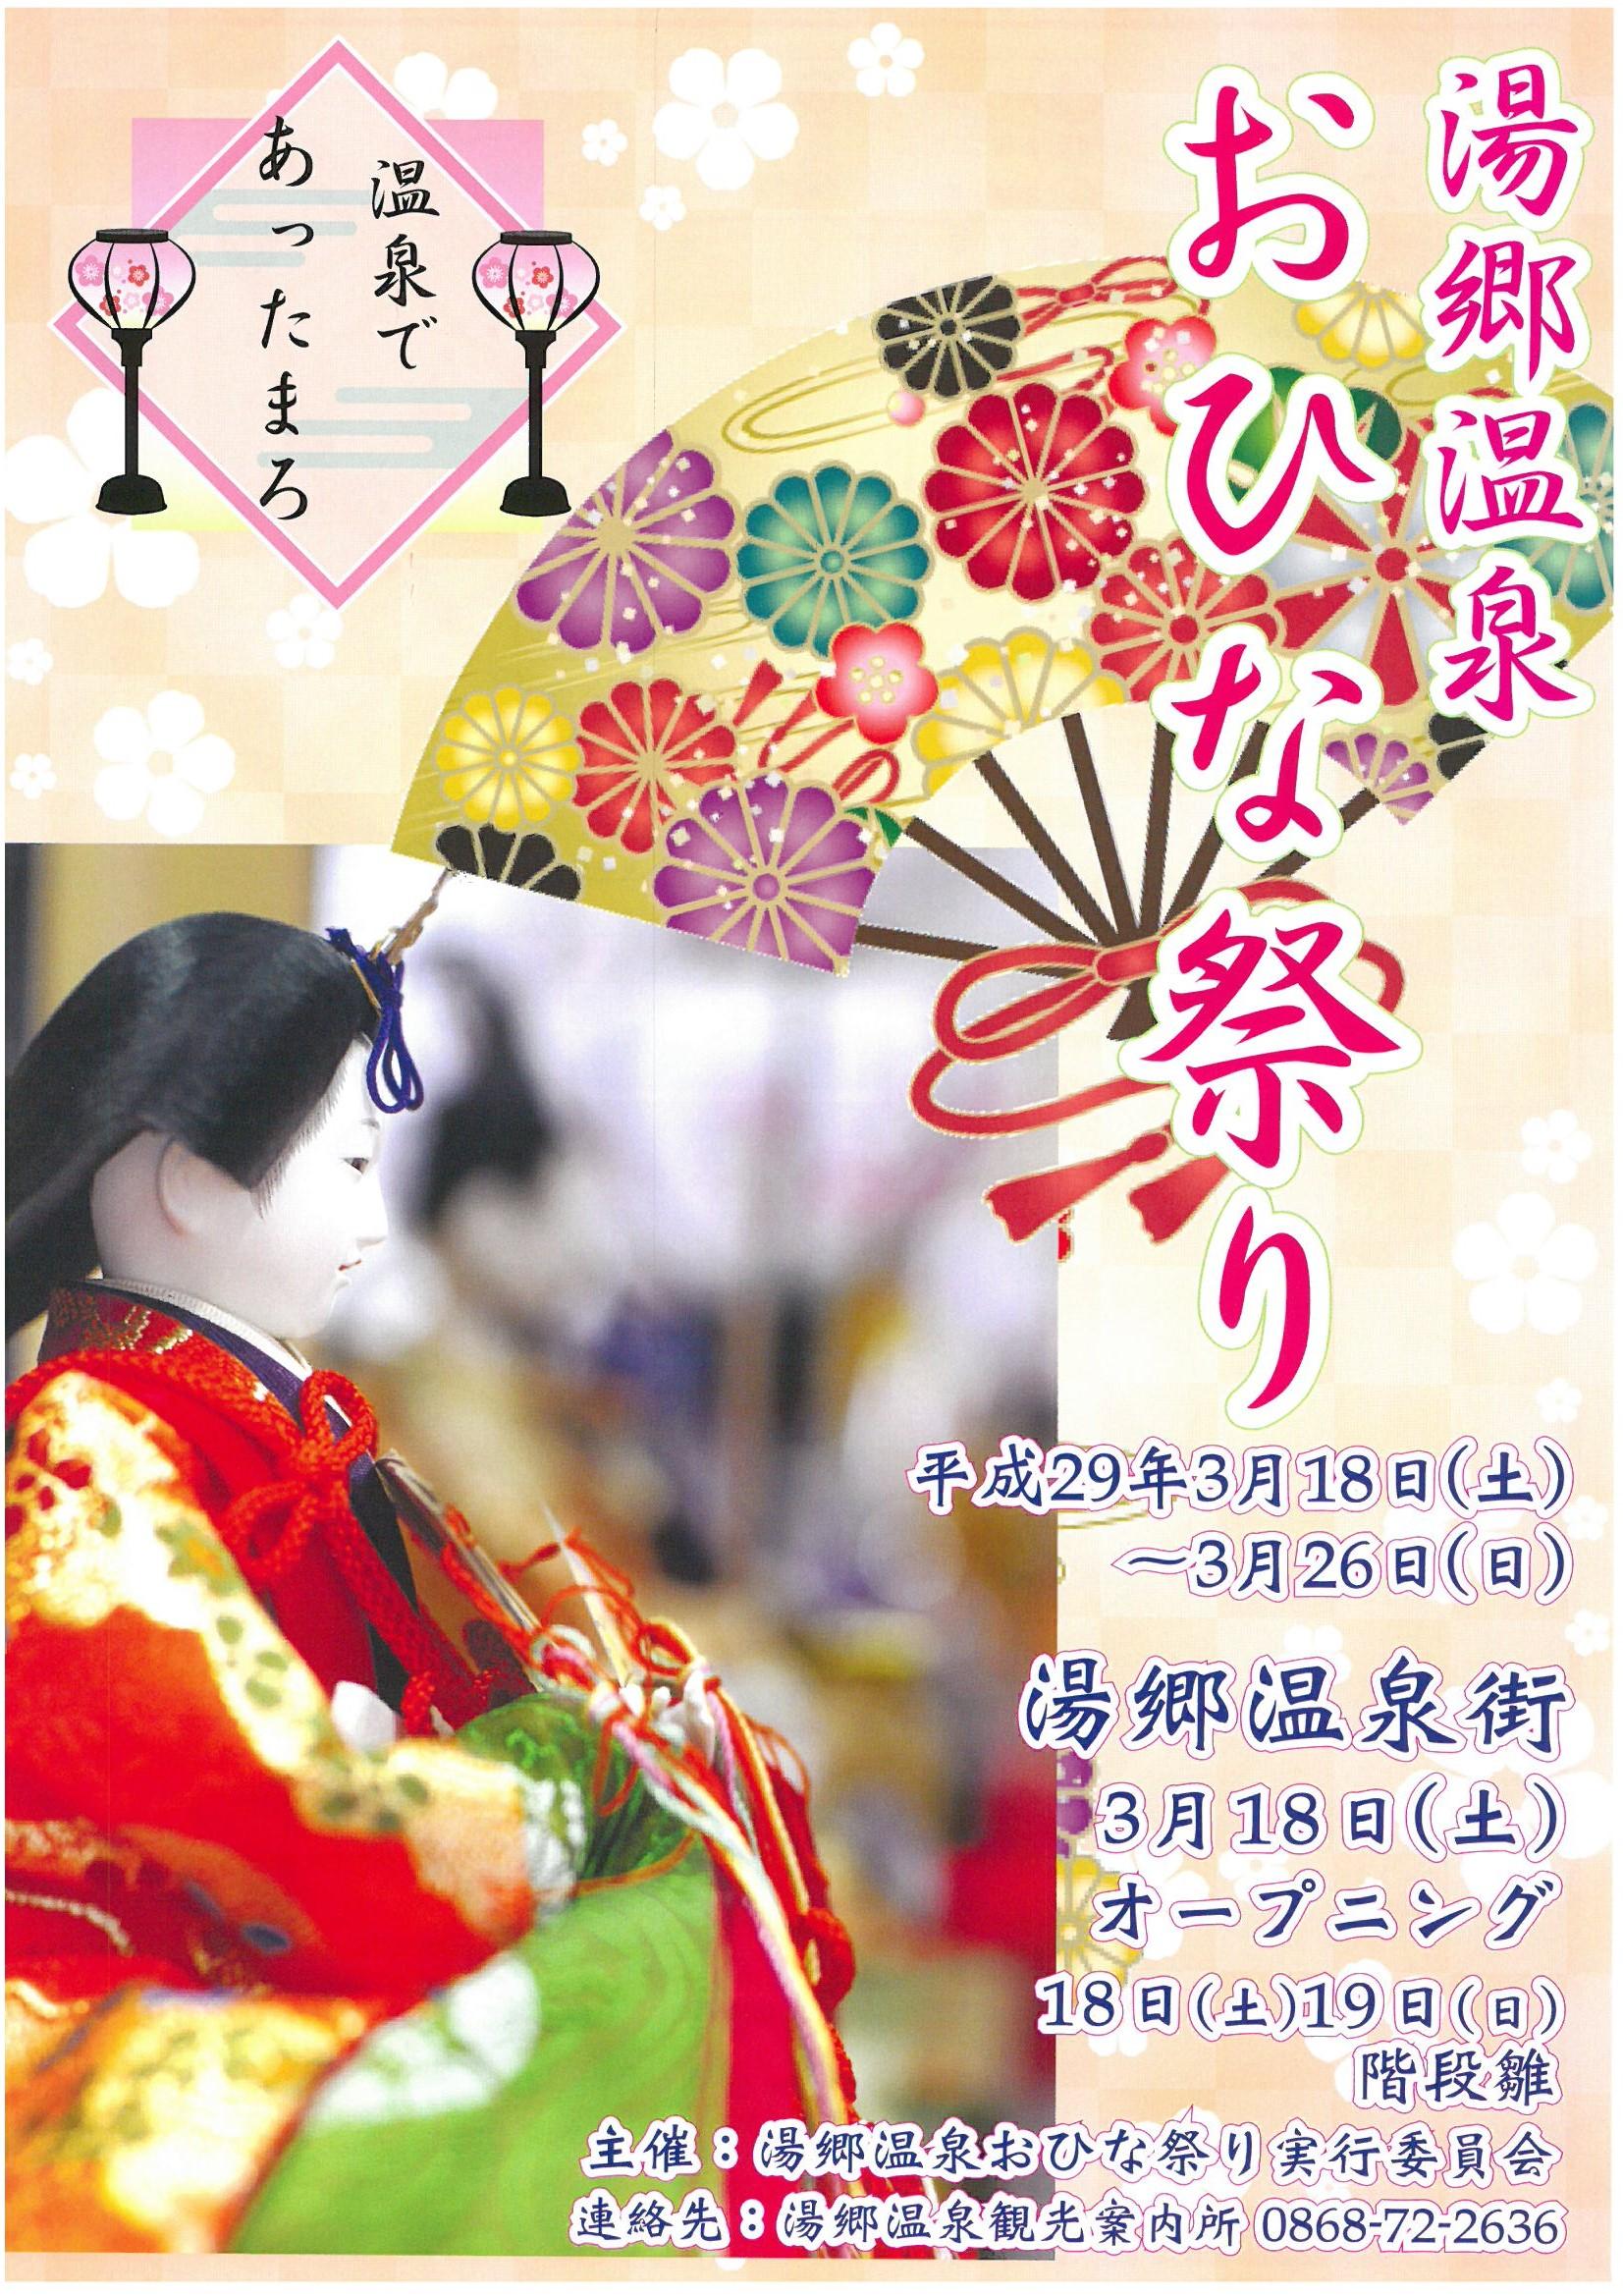 2017 お雛祭りチラシ表(スキャン分)